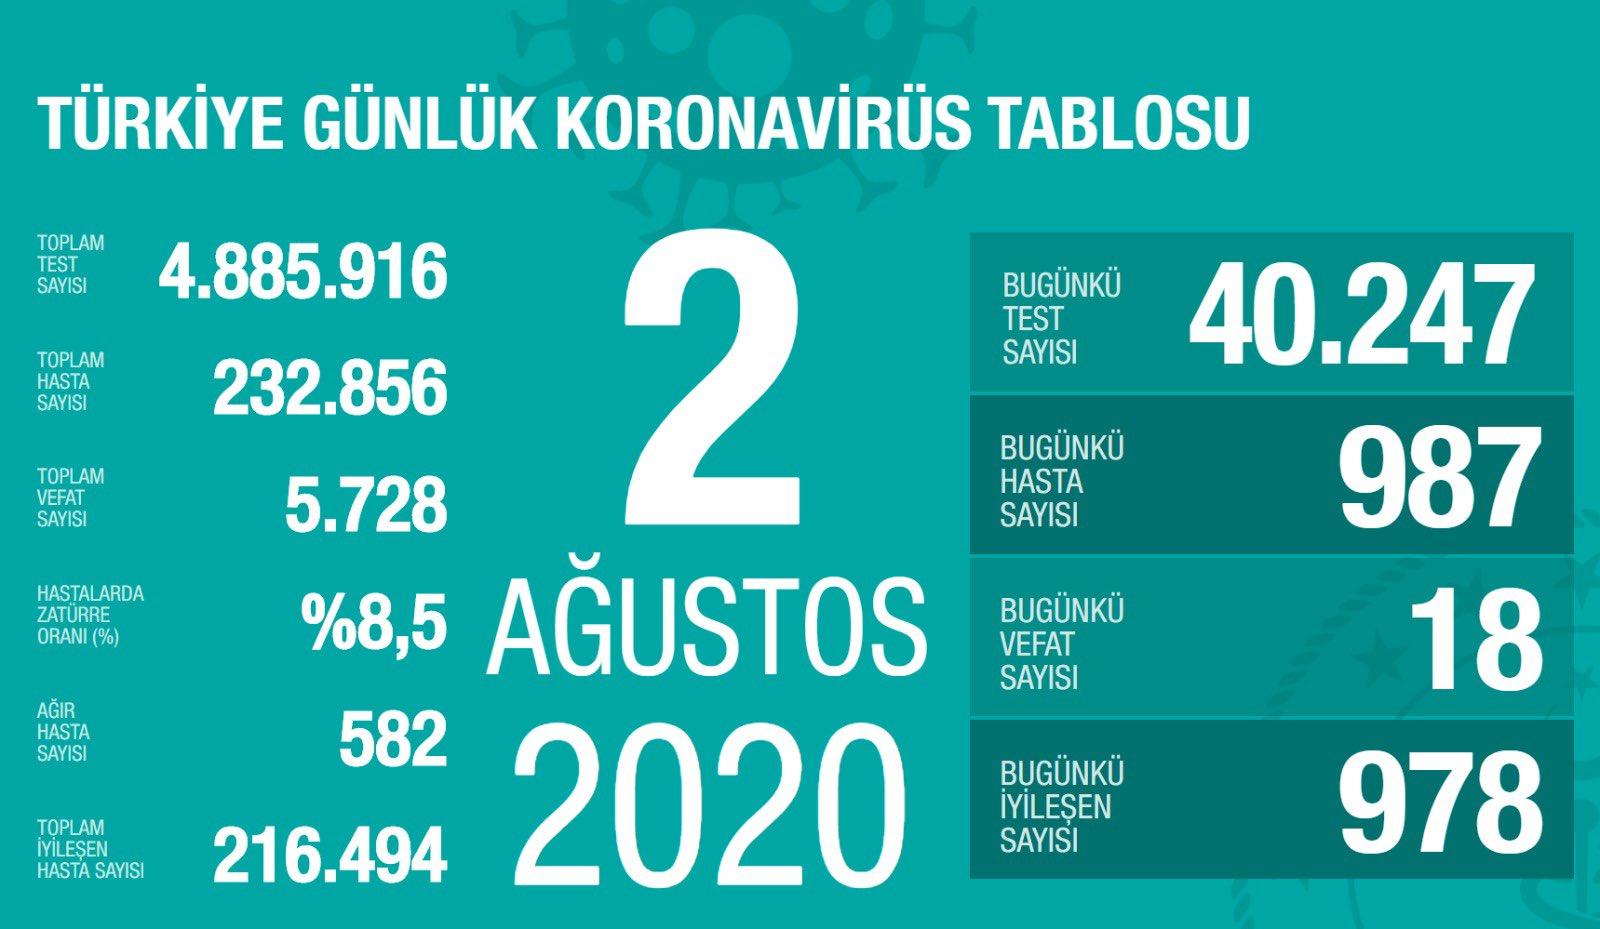 Türkiye'de Koronavirüs   18 kişi hayatını kaybetti, 987 yeni tanı kondu